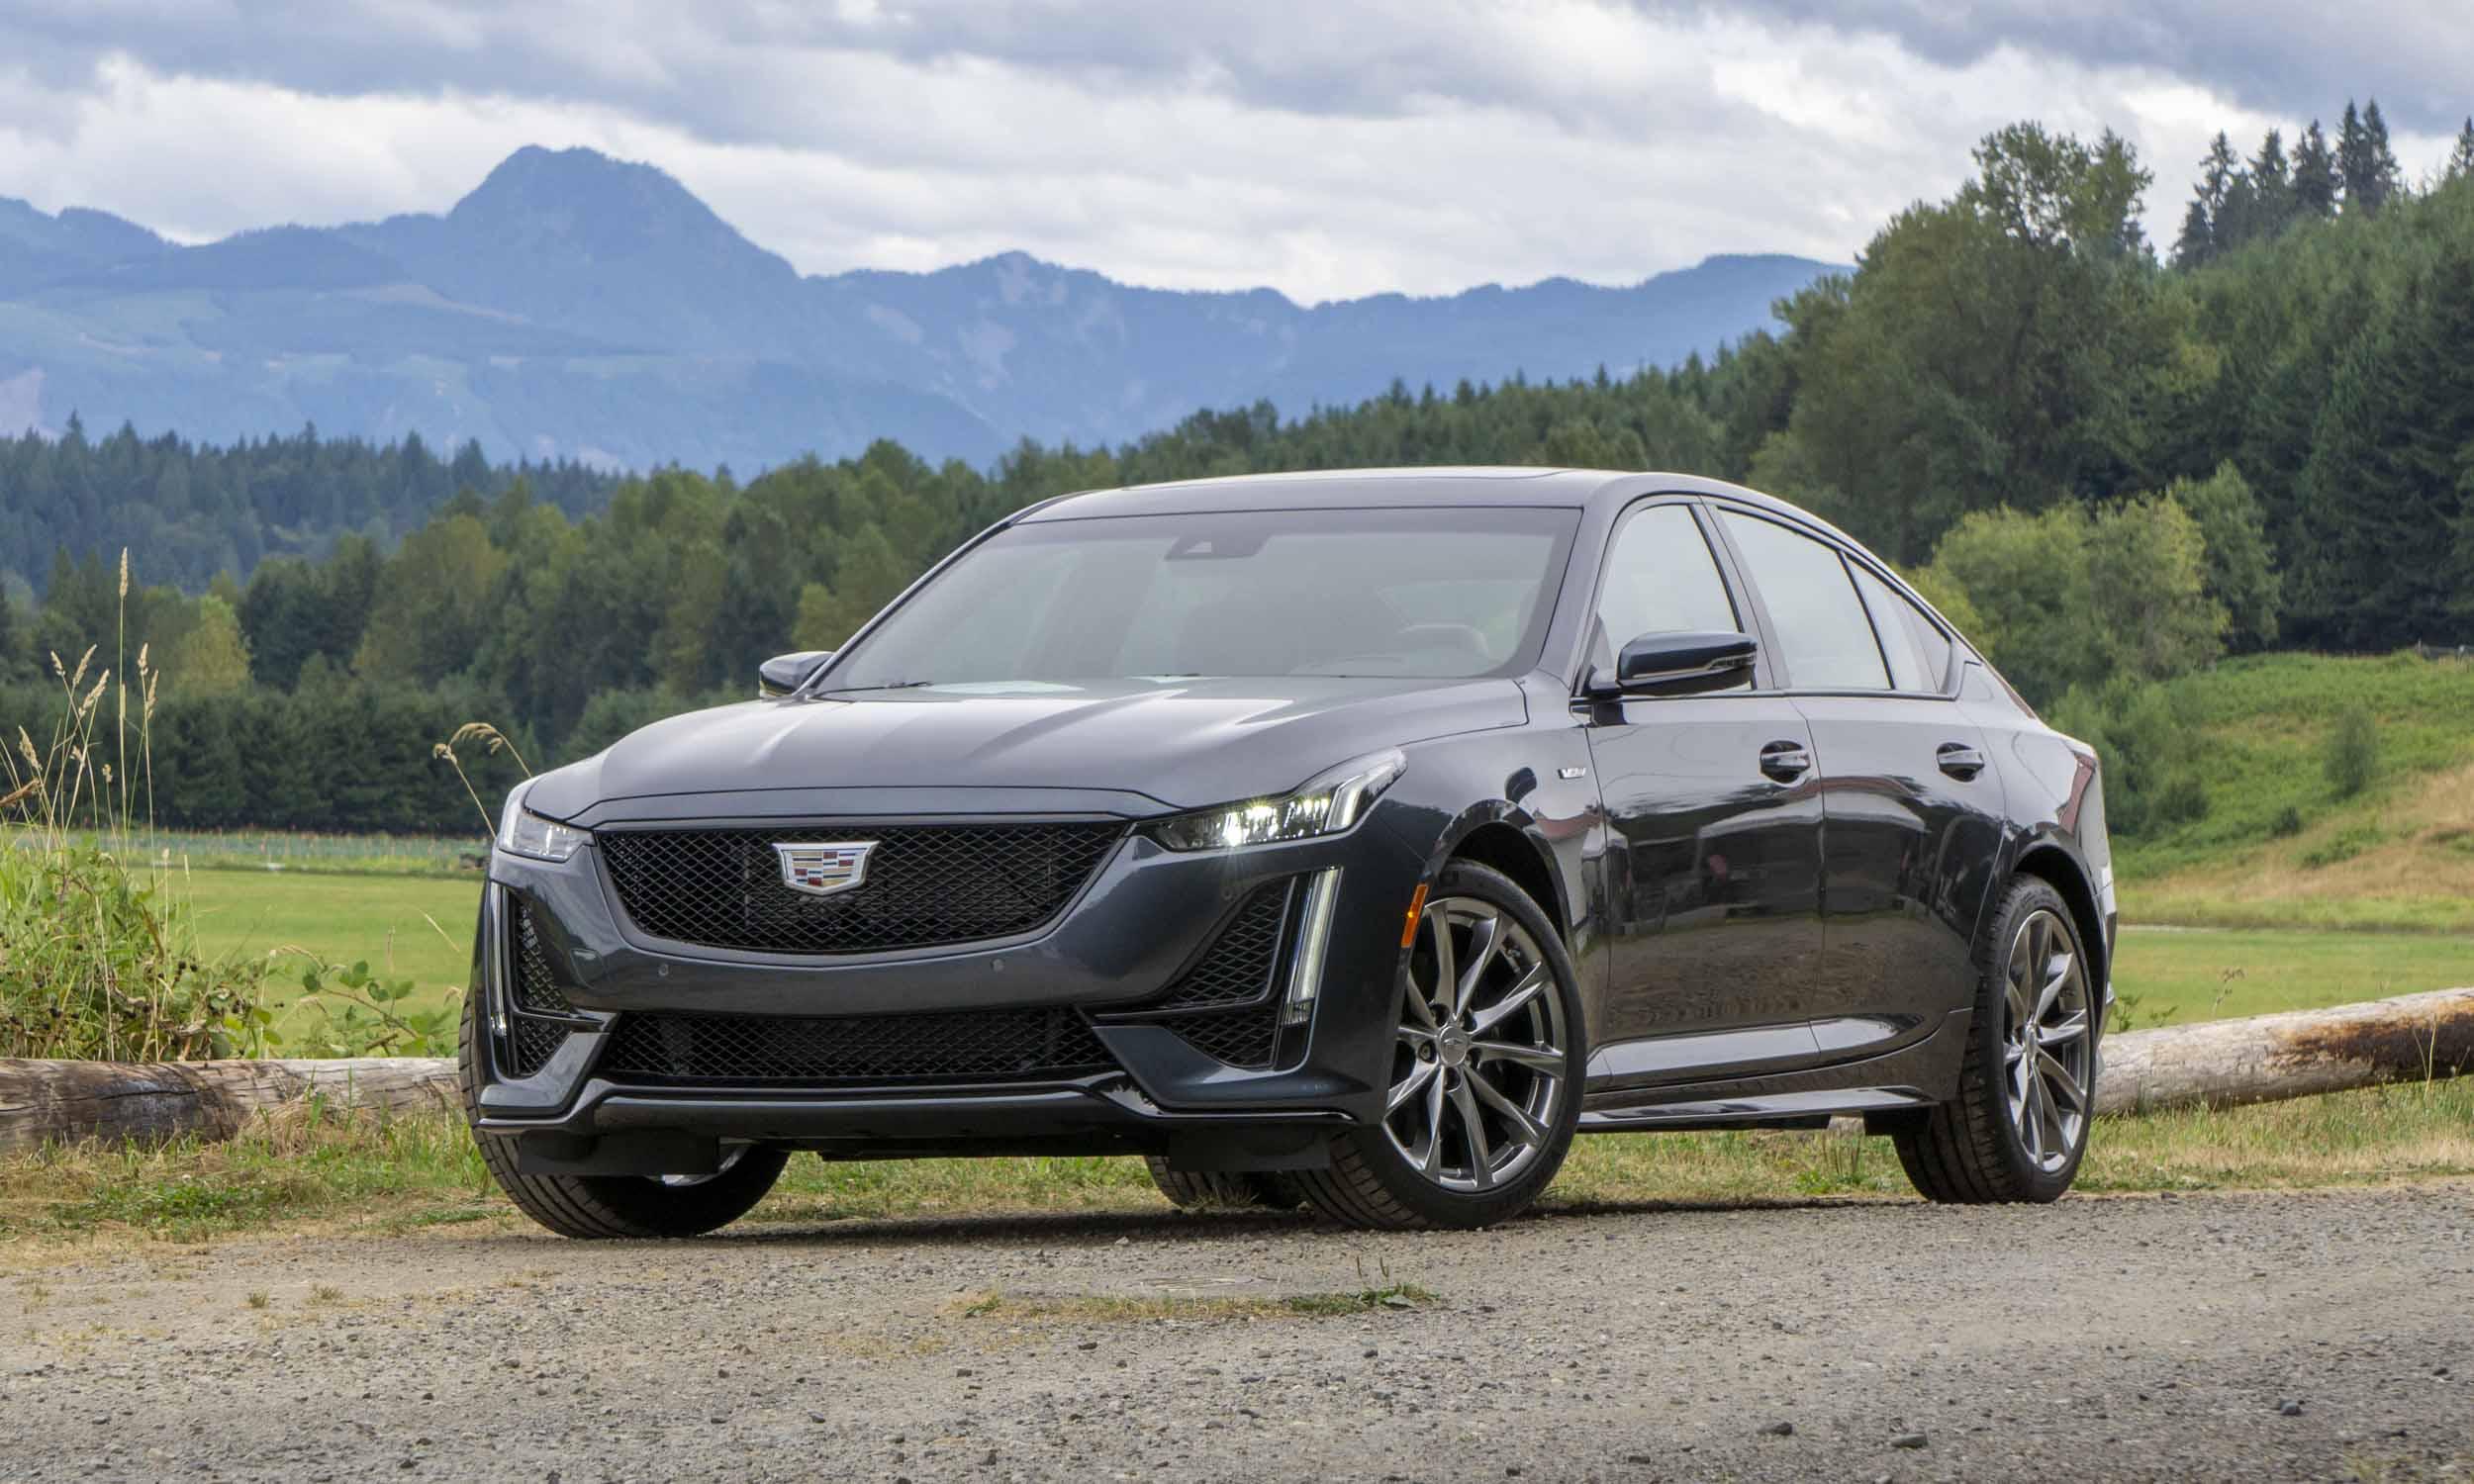 2020 Cadillac CT5 V-Series: Review